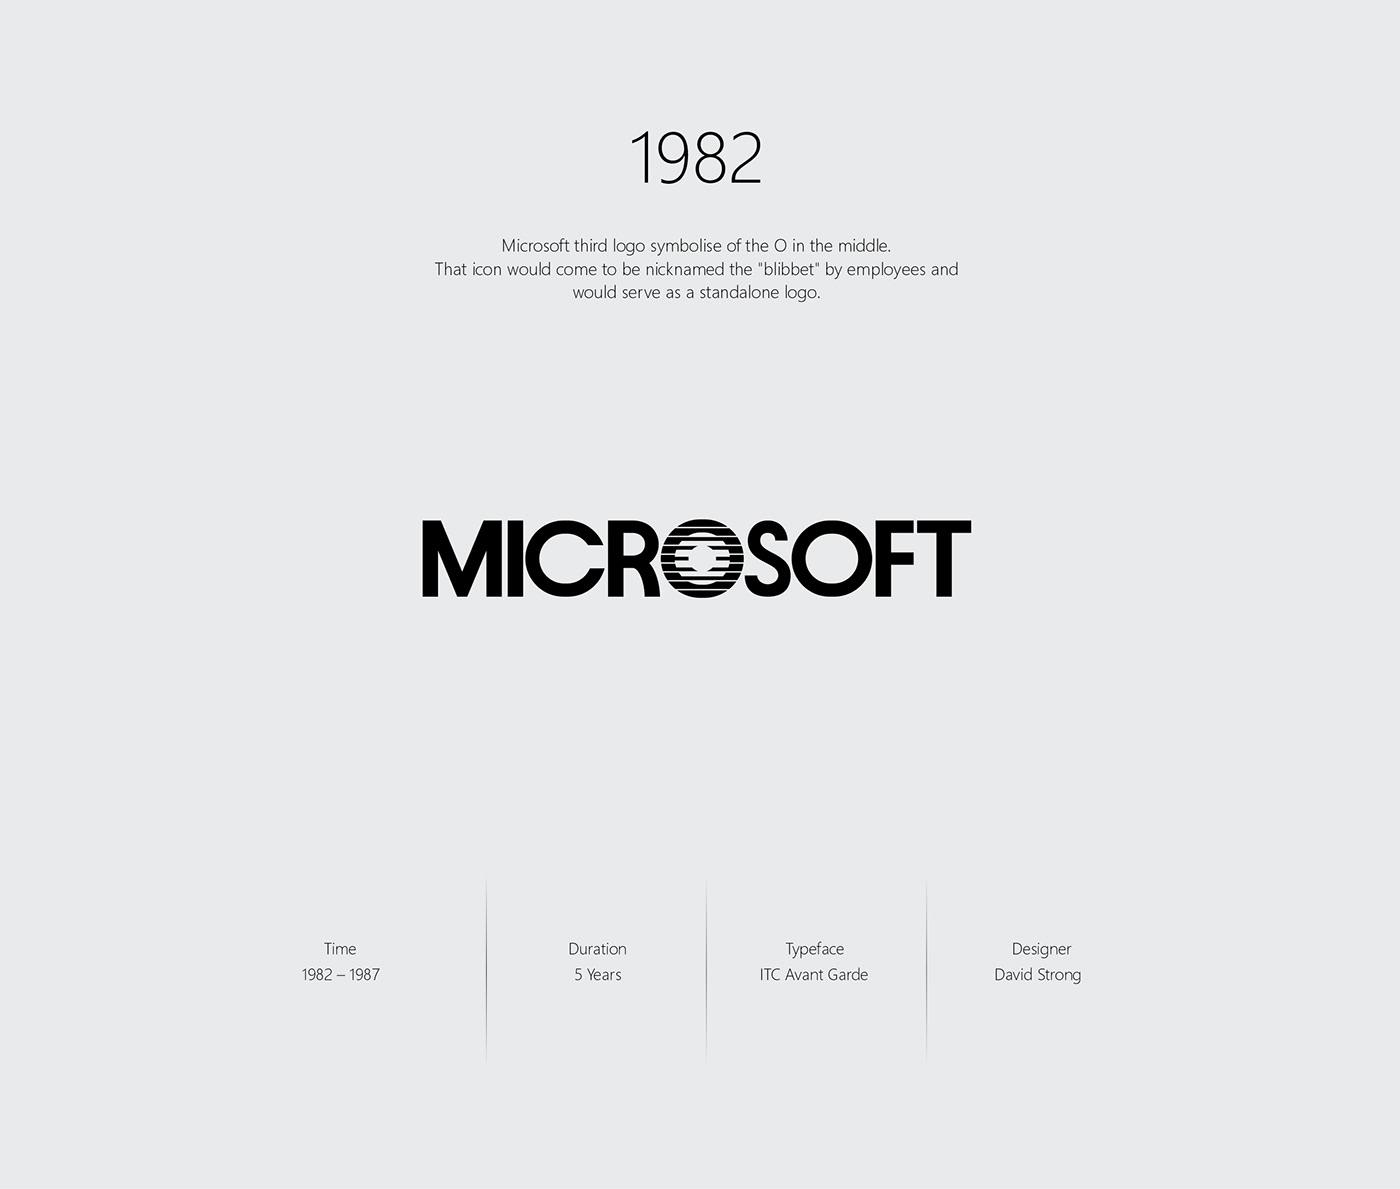 3D,3Dposter,3dshapes,deepshape,deepyellow,logo,Microsoft,microsoftdesign,microsoftlogo,poster